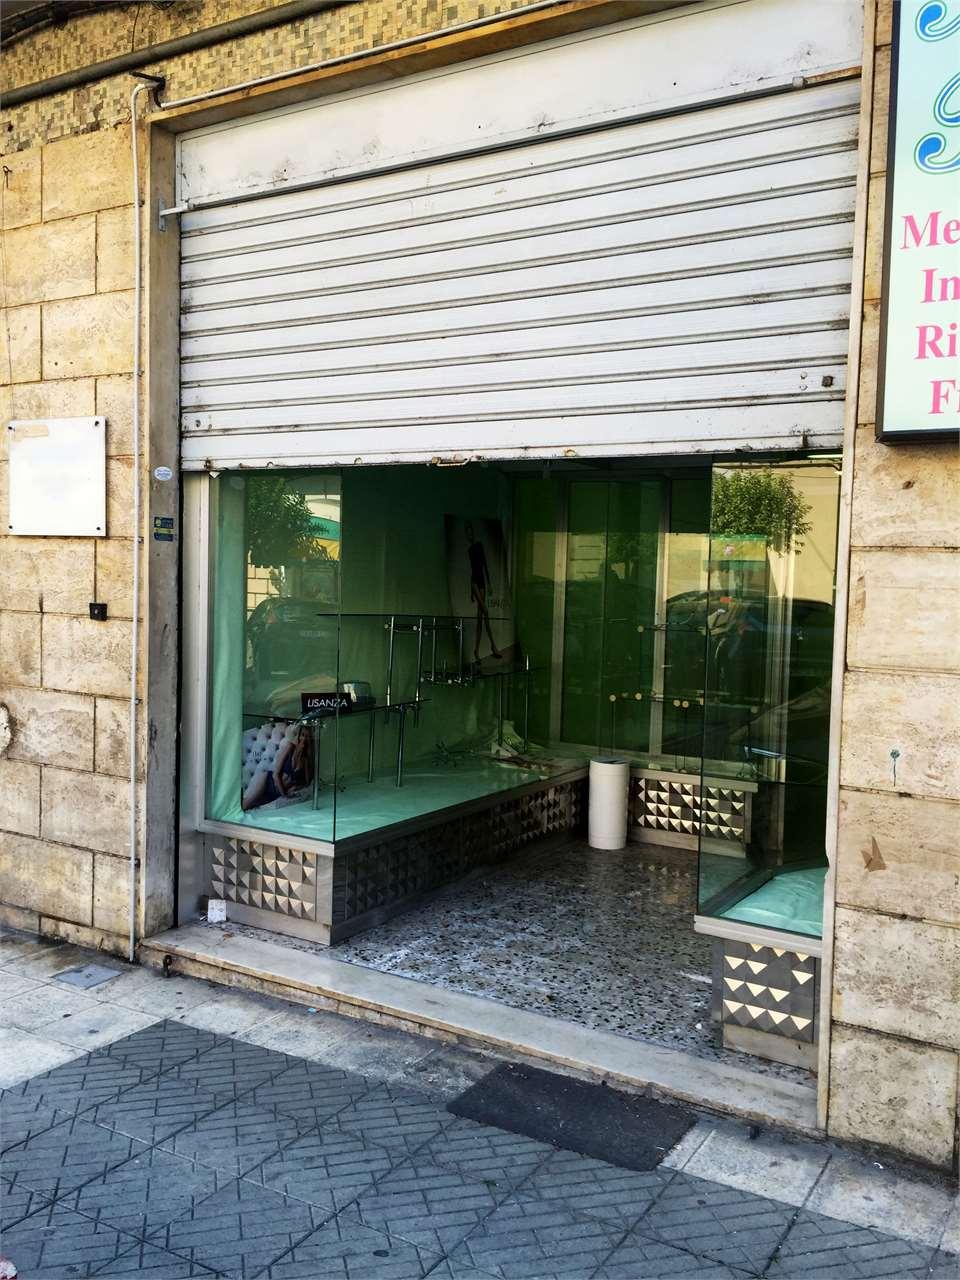 Magazzino in vendita a Cosenza, 1 locali, zona Zona: Viale Trieste, prezzo € 59.000 | Cambio Casa.it